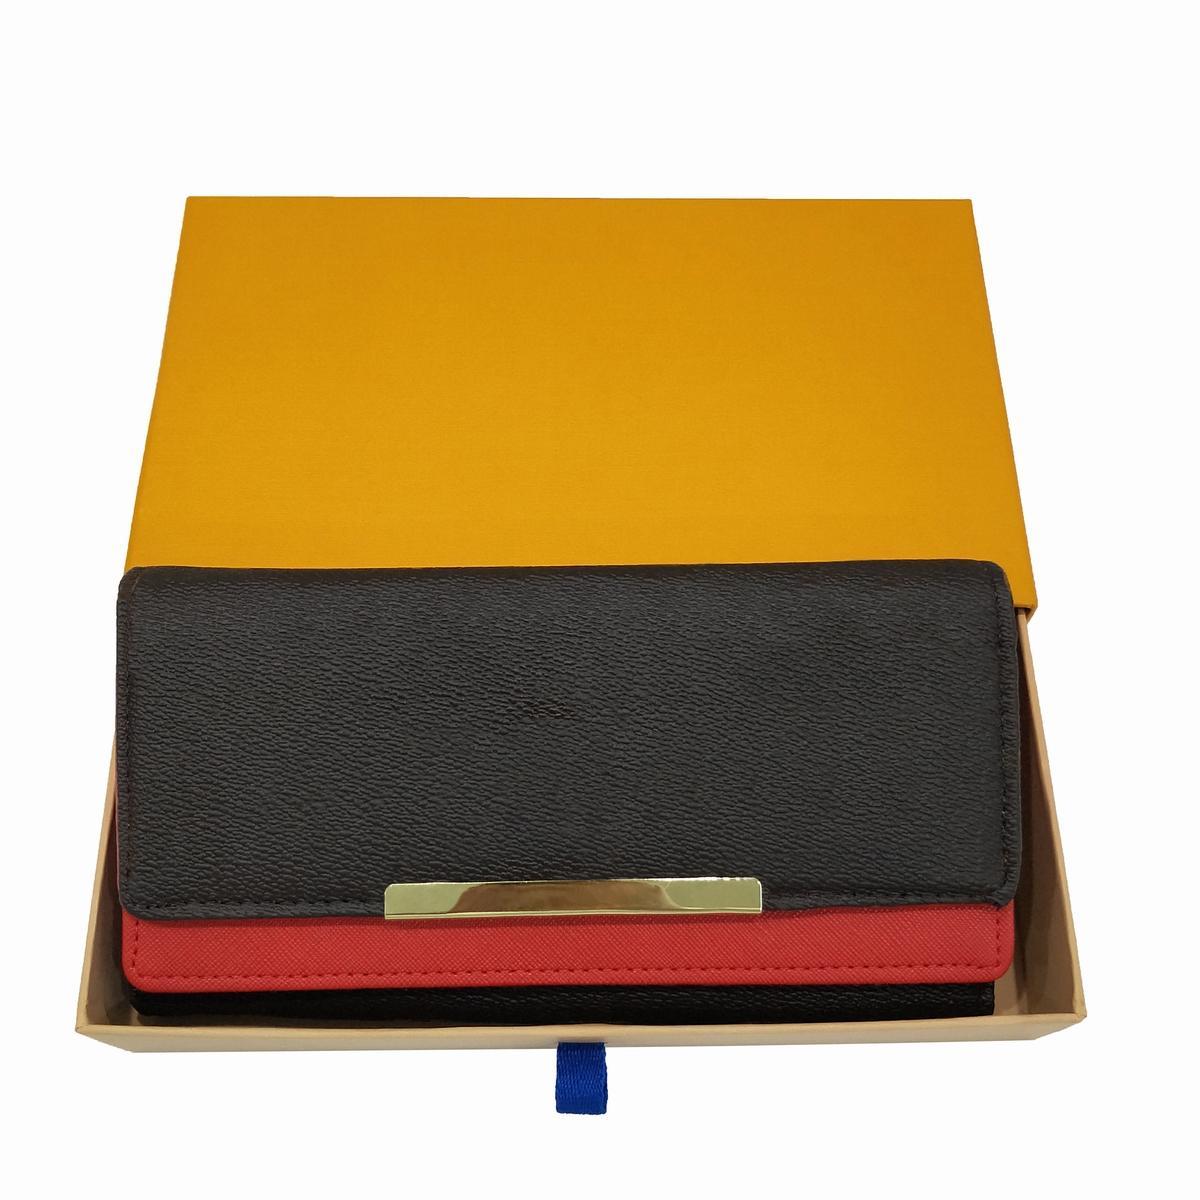 2020 Nuova Borsa L modo di qualità più alta portafoglio di alta qualità Plaid donne del raccoglitore del modello degli uomini pures high-end s design L portafoglio con scatola